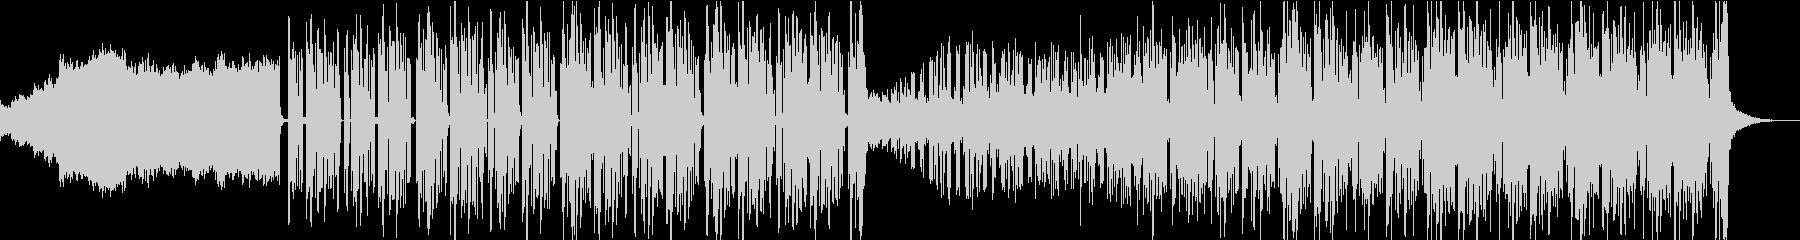 夜の趣があるフューチャーソウル風BGMの未再生の波形